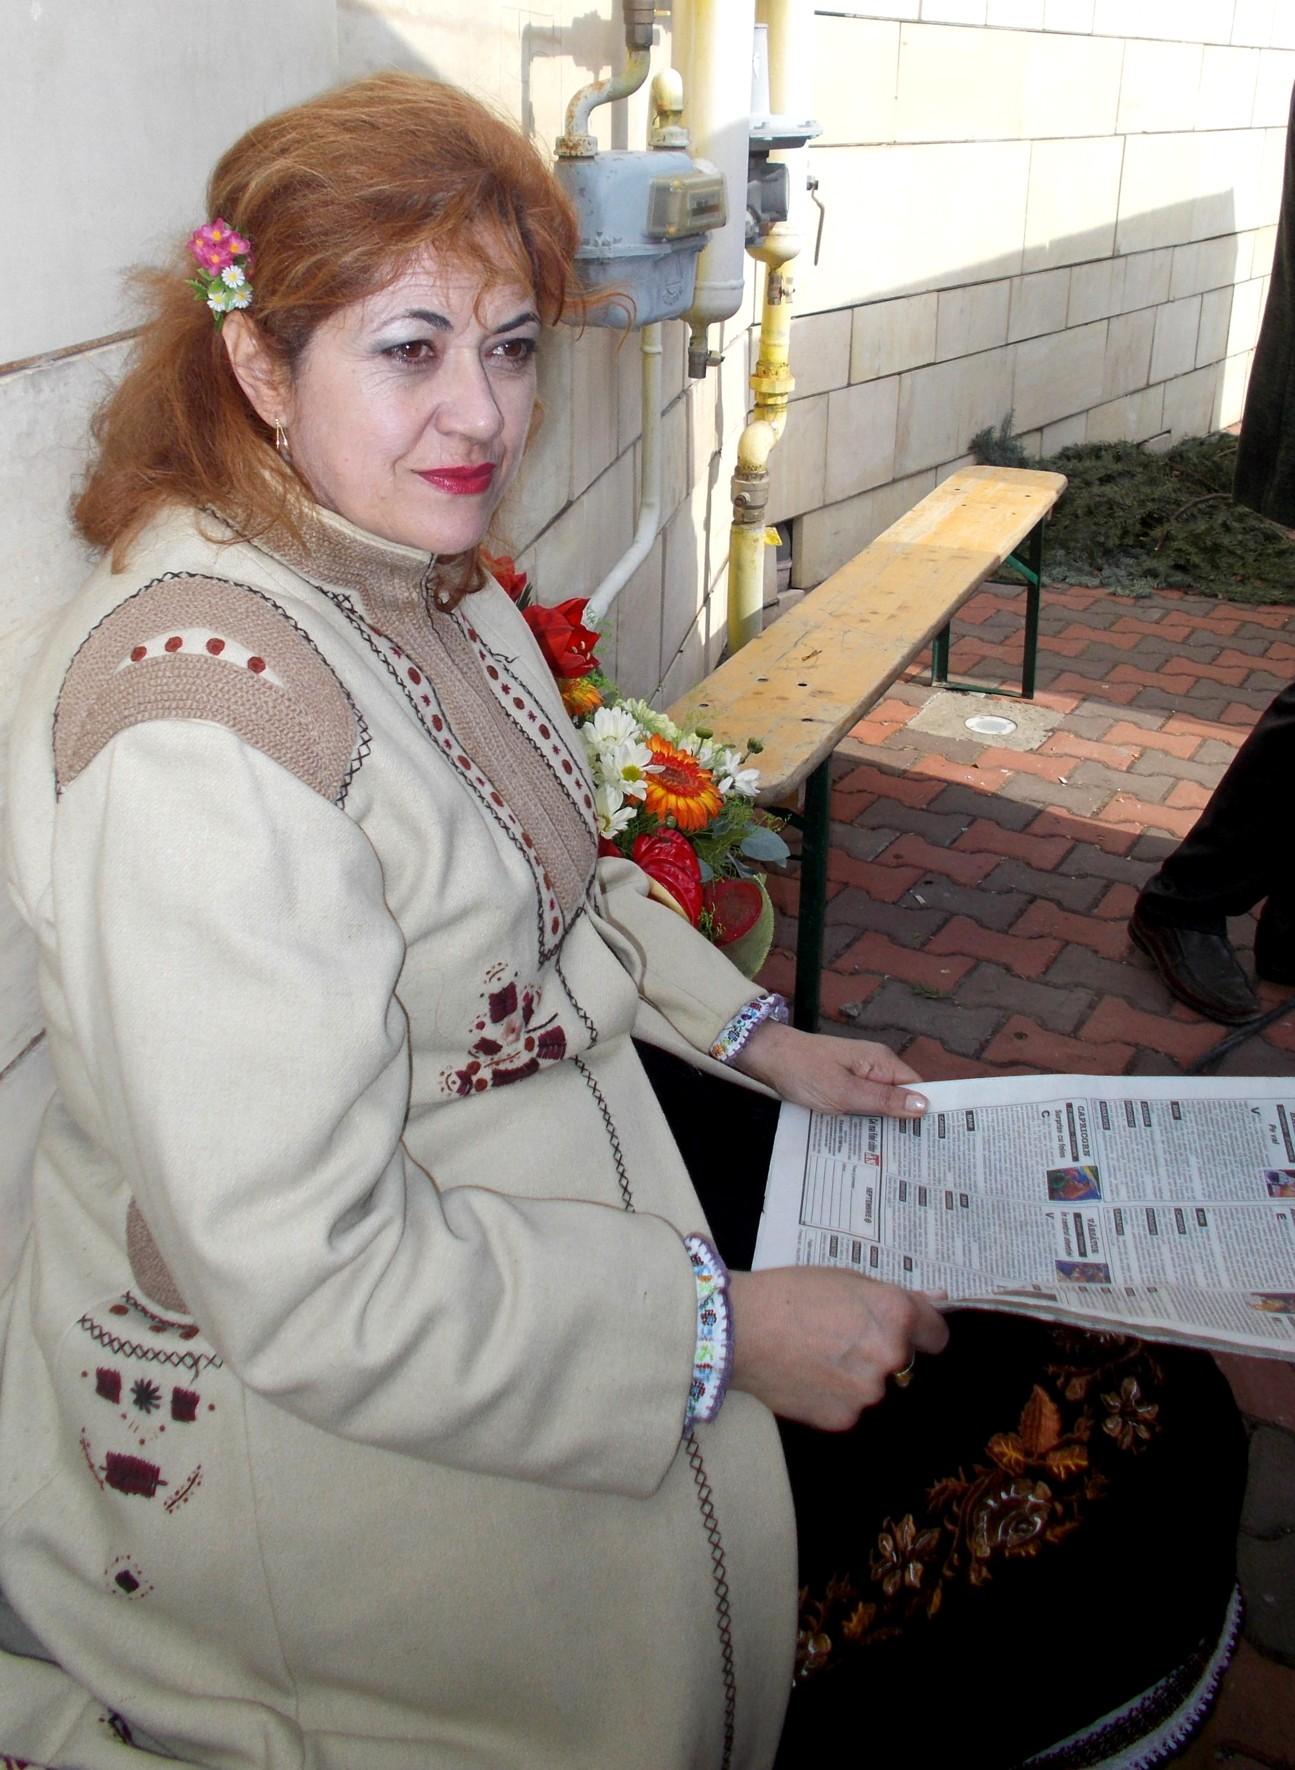 Gabi Teişanu, mama viitoarei actriţe Maria. Viitoare actriţă, la Cluj-Napoca, pictoriţă, cu expoziţii, fiind deja.